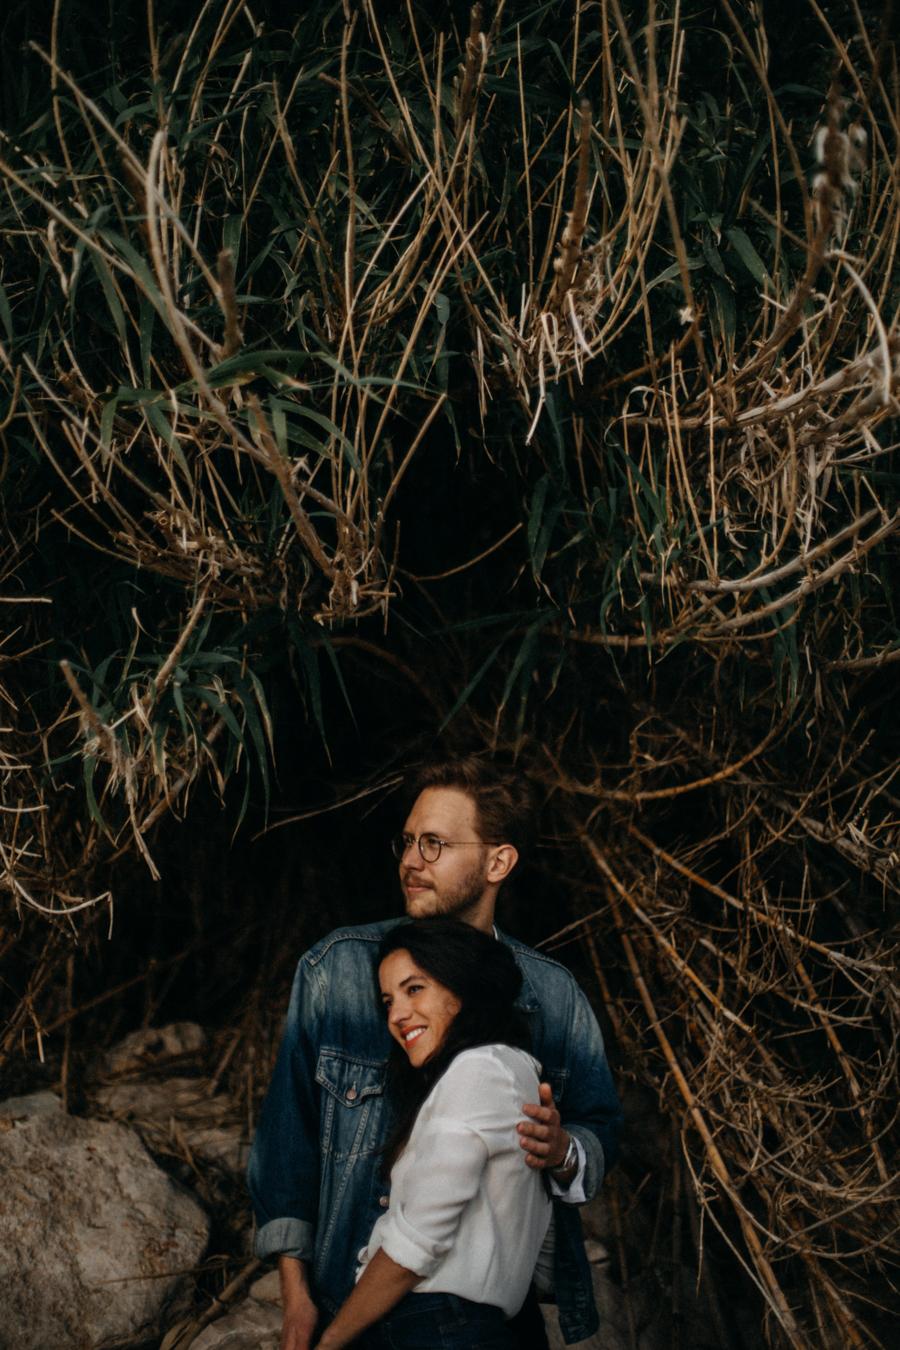 Photographe couple seance photo engagement lyon marseille plage mer nature coucher de soleil lumiere lifestyle engagement plage-34